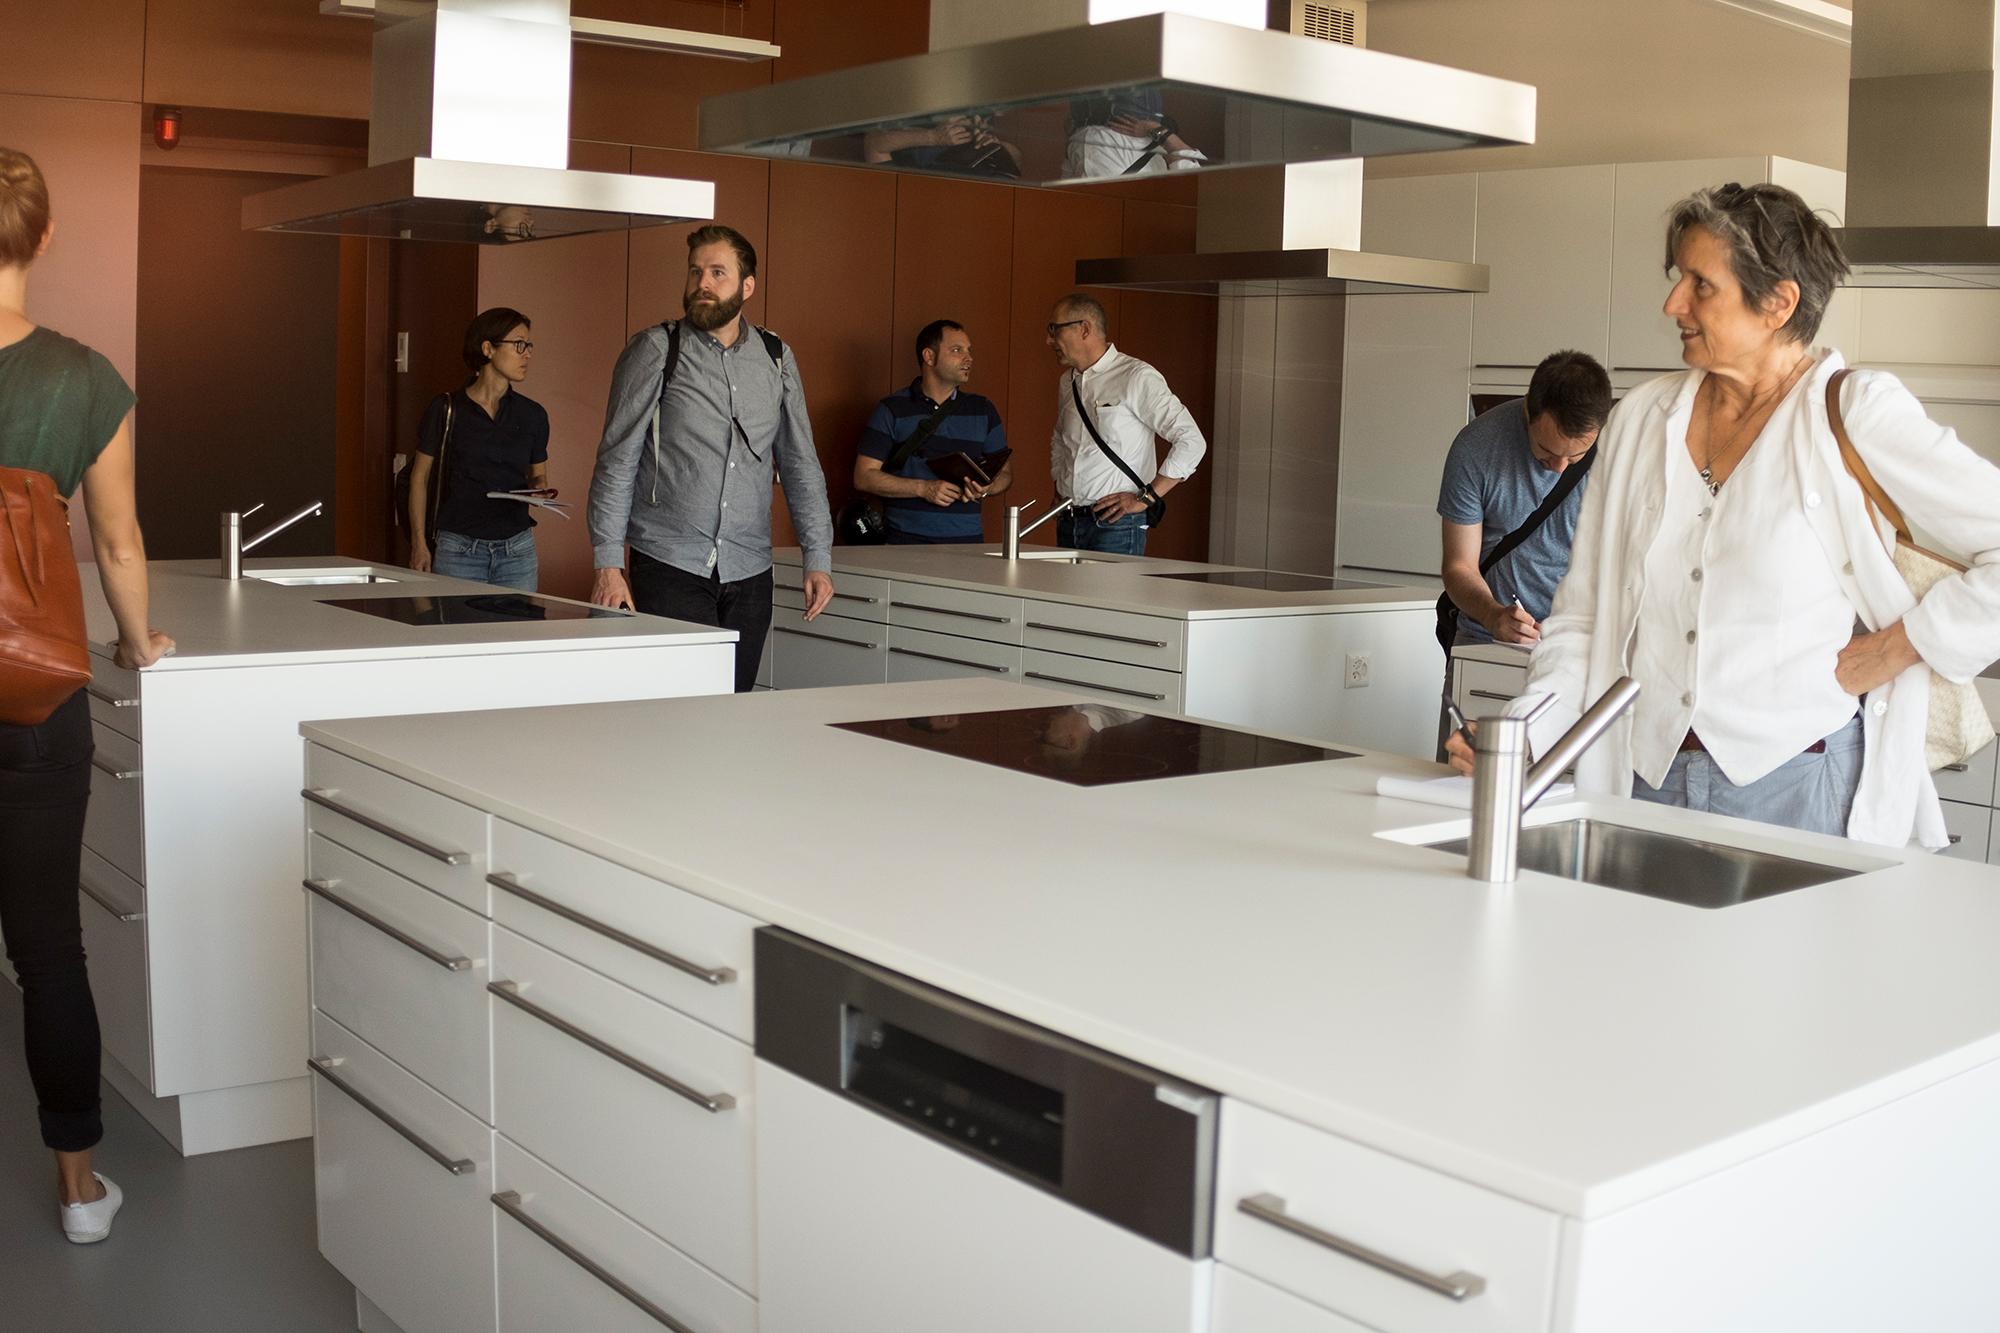 Da freuen sich sogar die Journalisten. Schnieke Küchenzeile im Hauswirtschaftsraum.